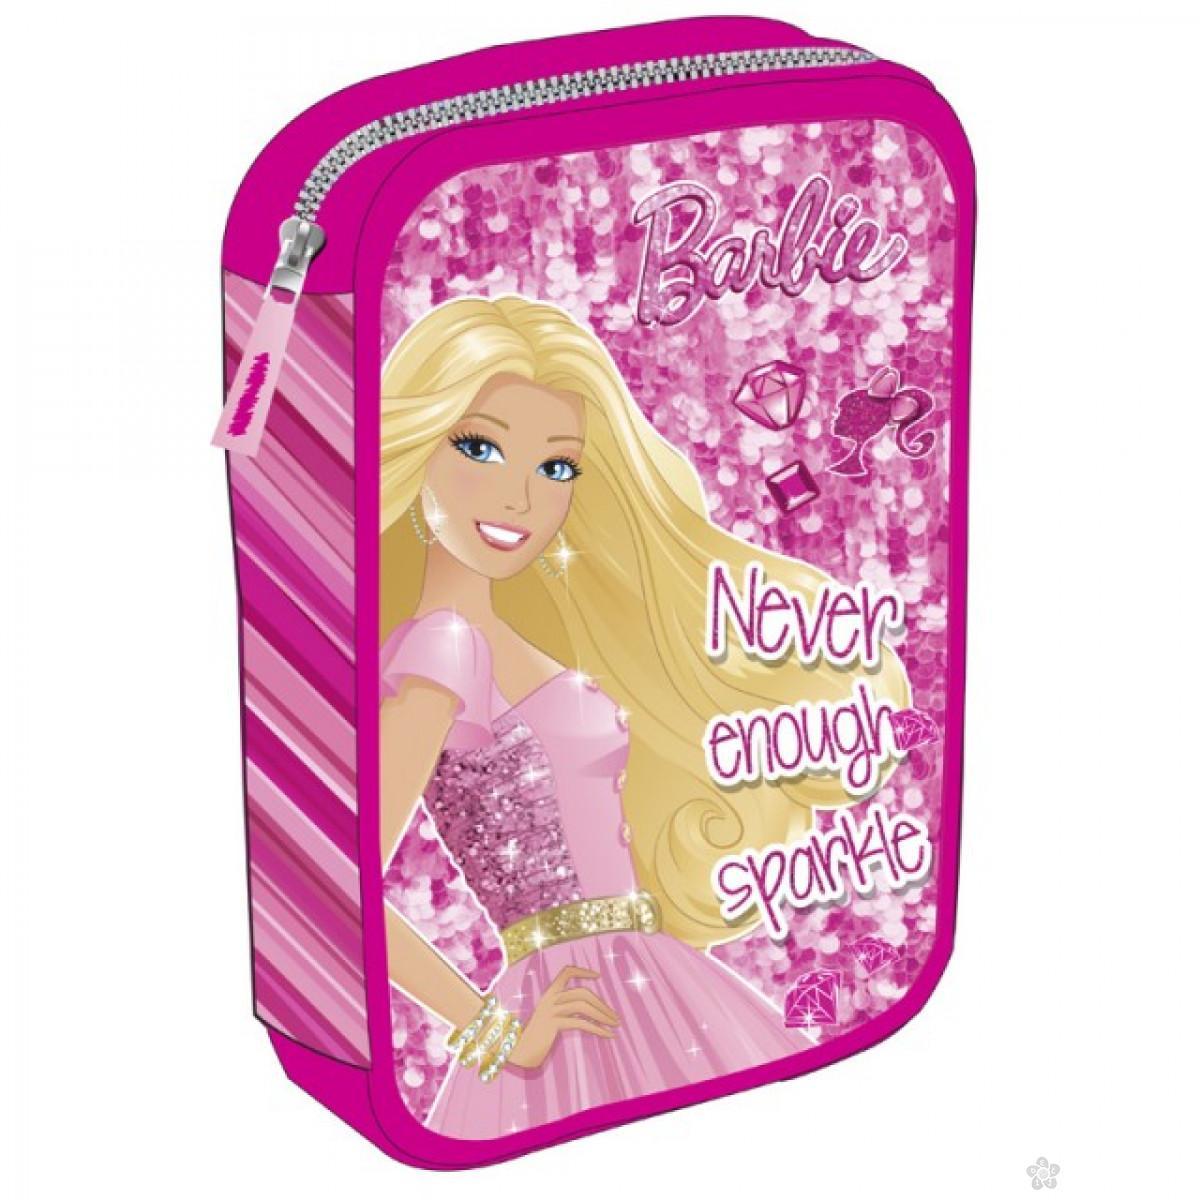 Anatomski ranac set 4 u 1 Barbie 16332